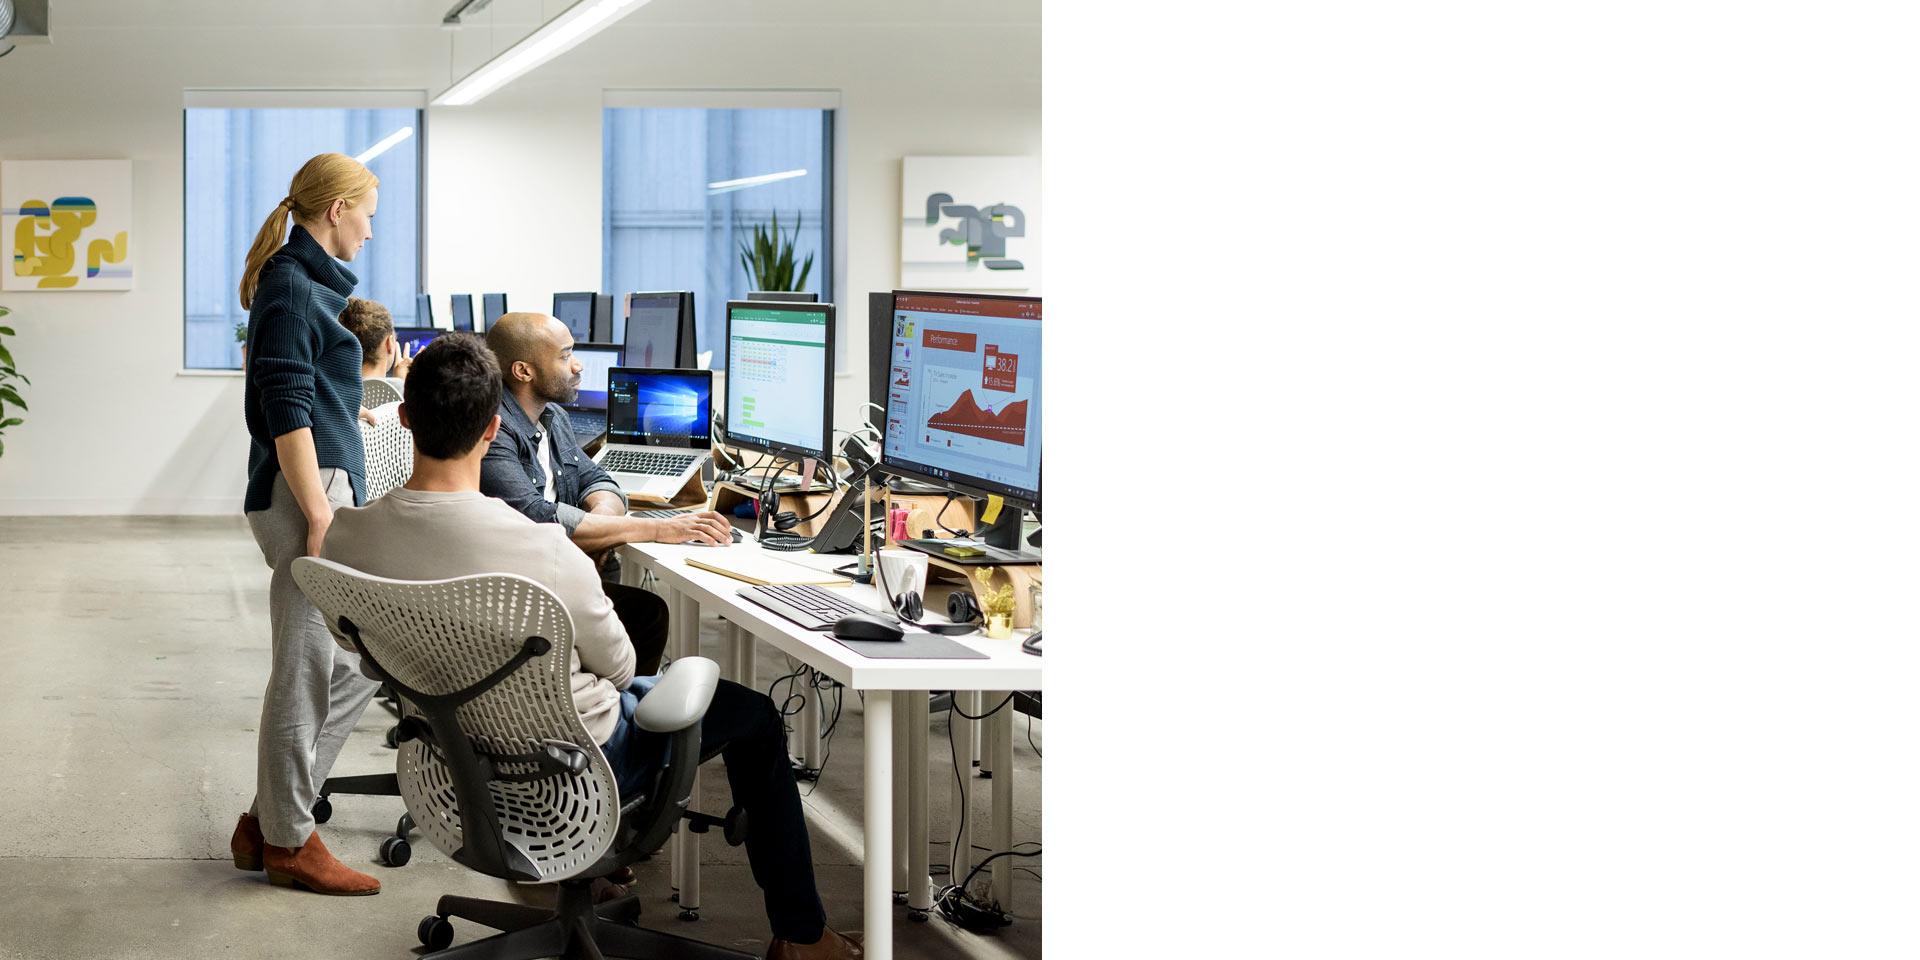 Люди вместе работают за настольным компьютером